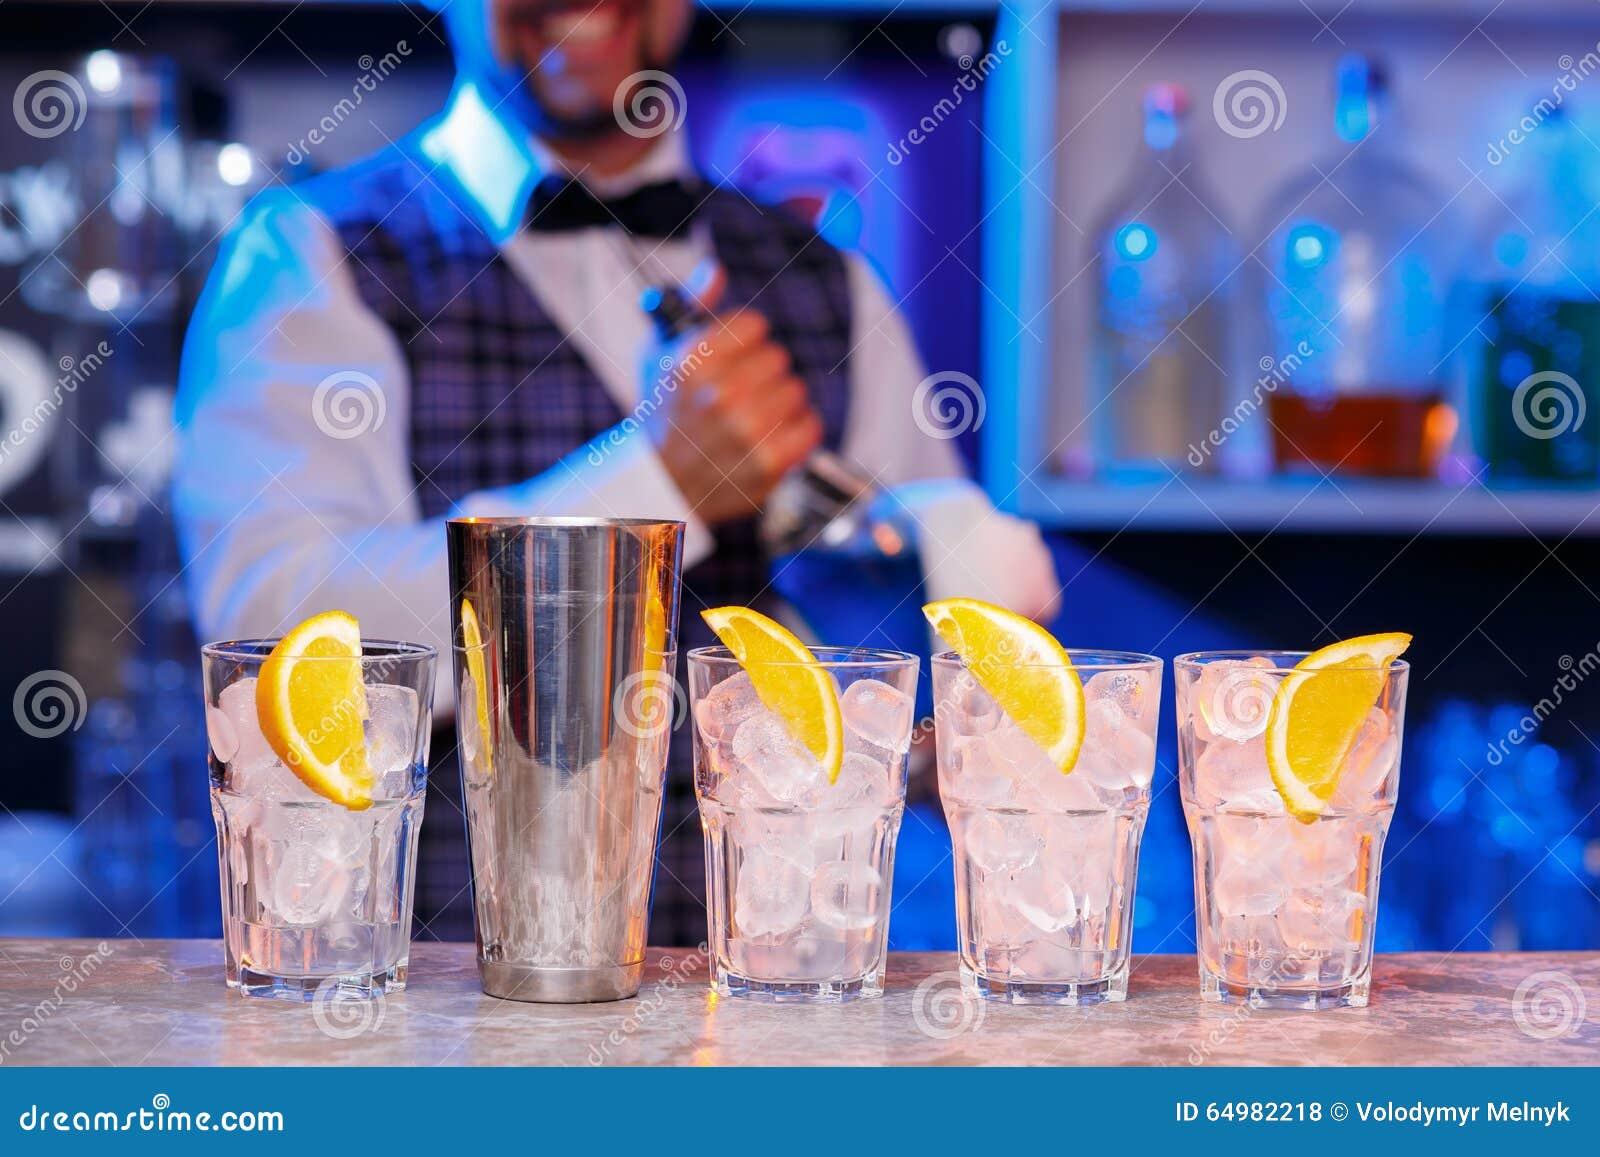 Barman au travail, préparant des cocktails